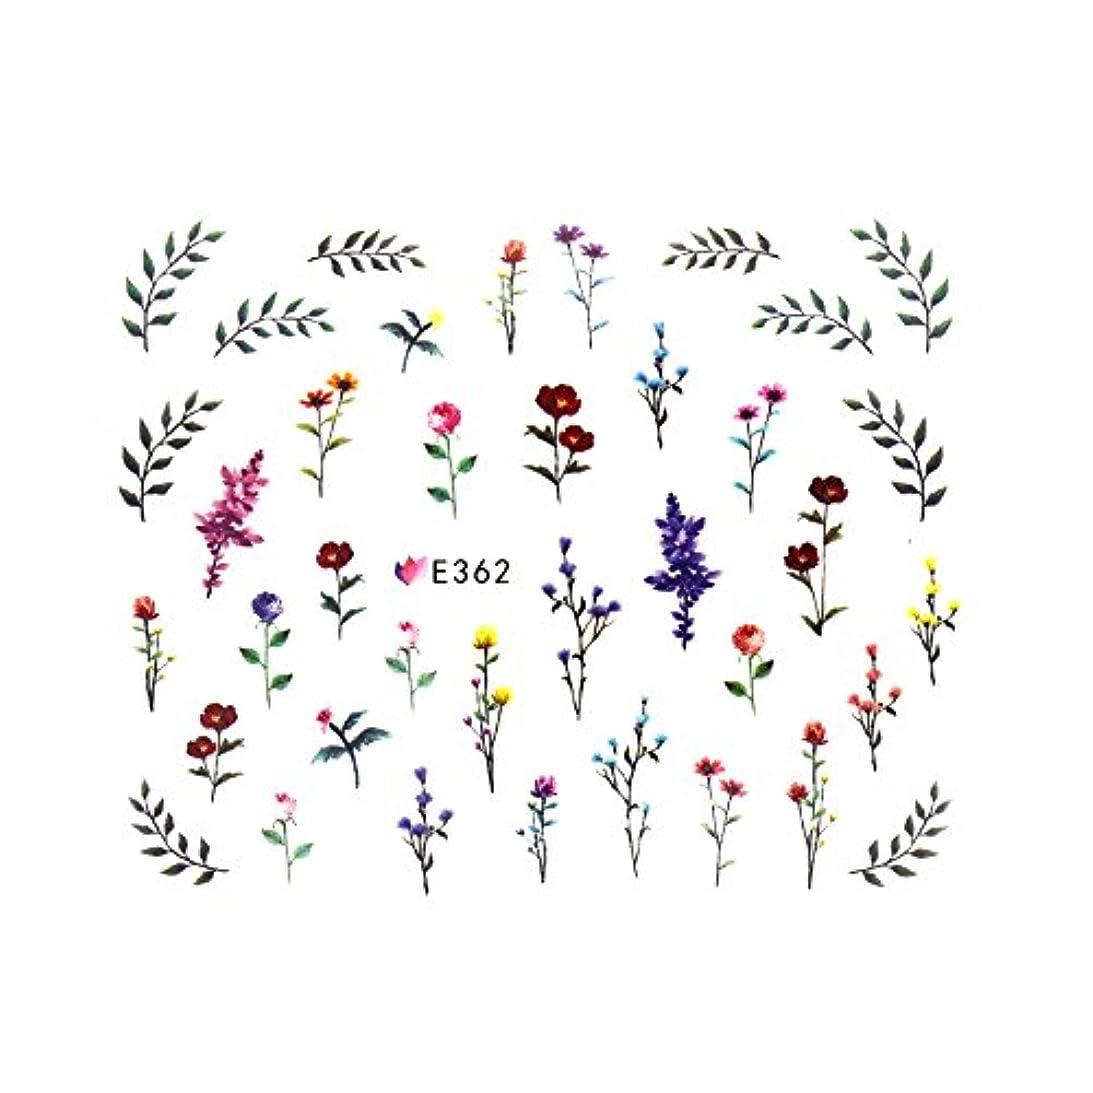 優遇アミューズメントバックグラウンドフラワーガーデンシール 【E362】フラワー ボタニカル ドライフラワー 小花柄